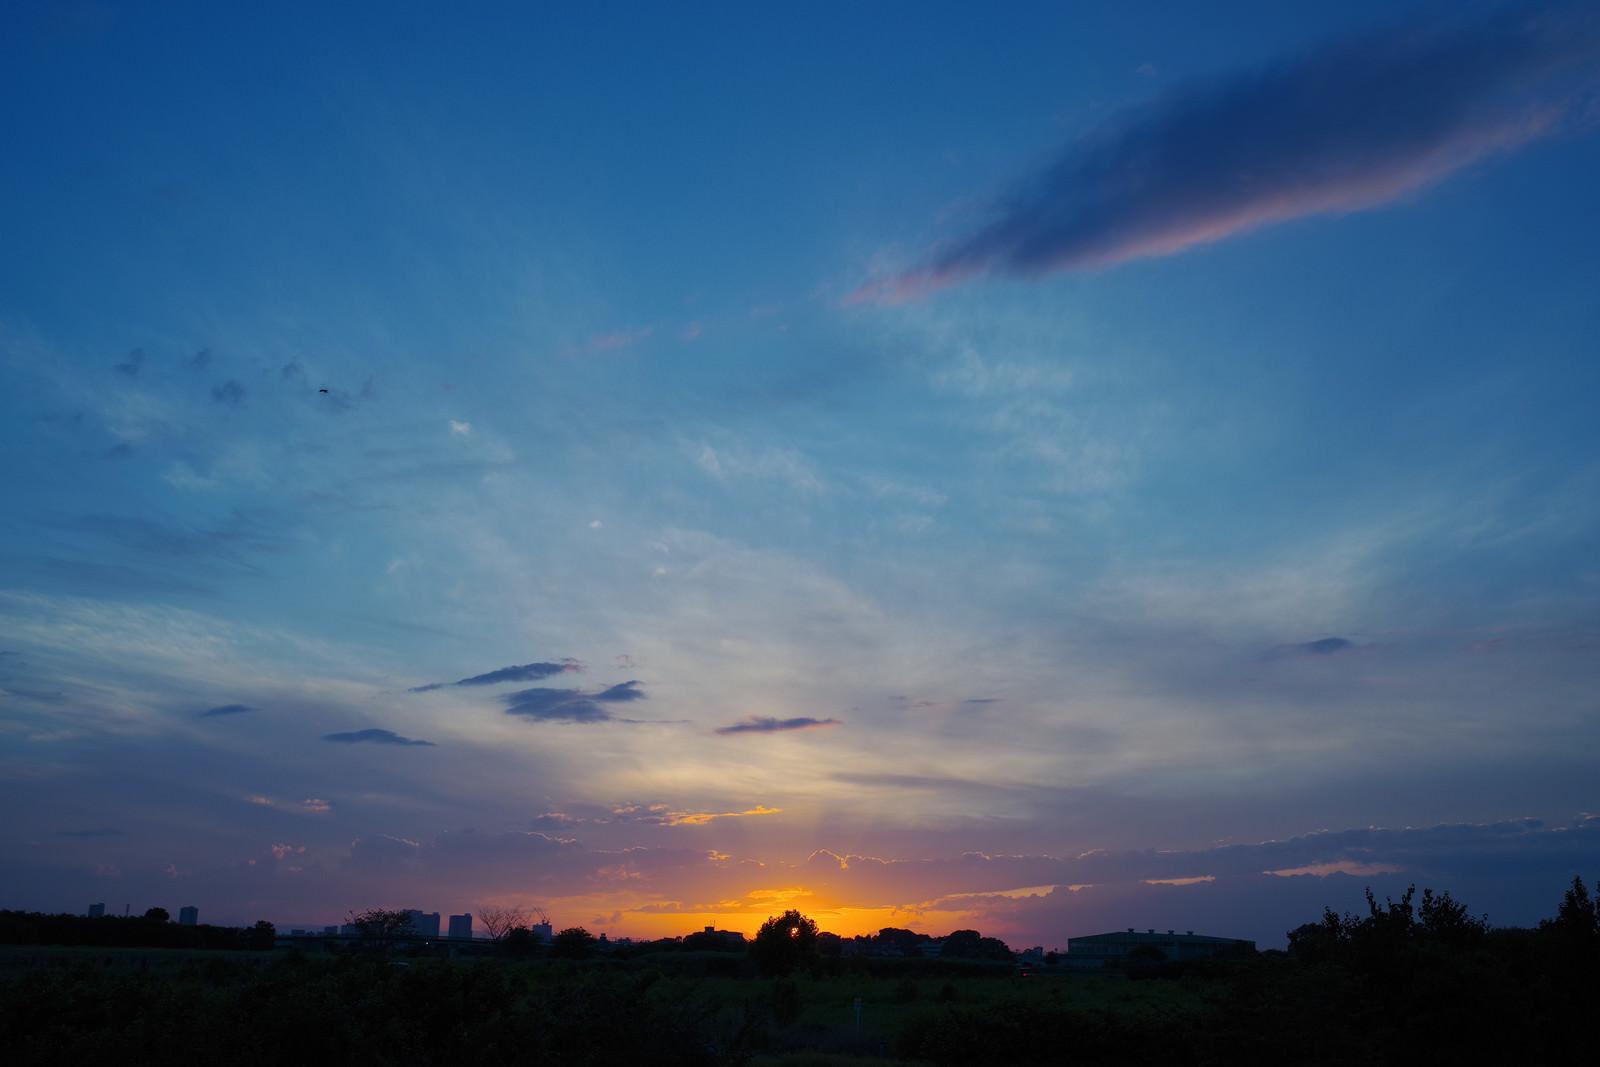 「夕焼けの最後の一瞬と青空」の写真